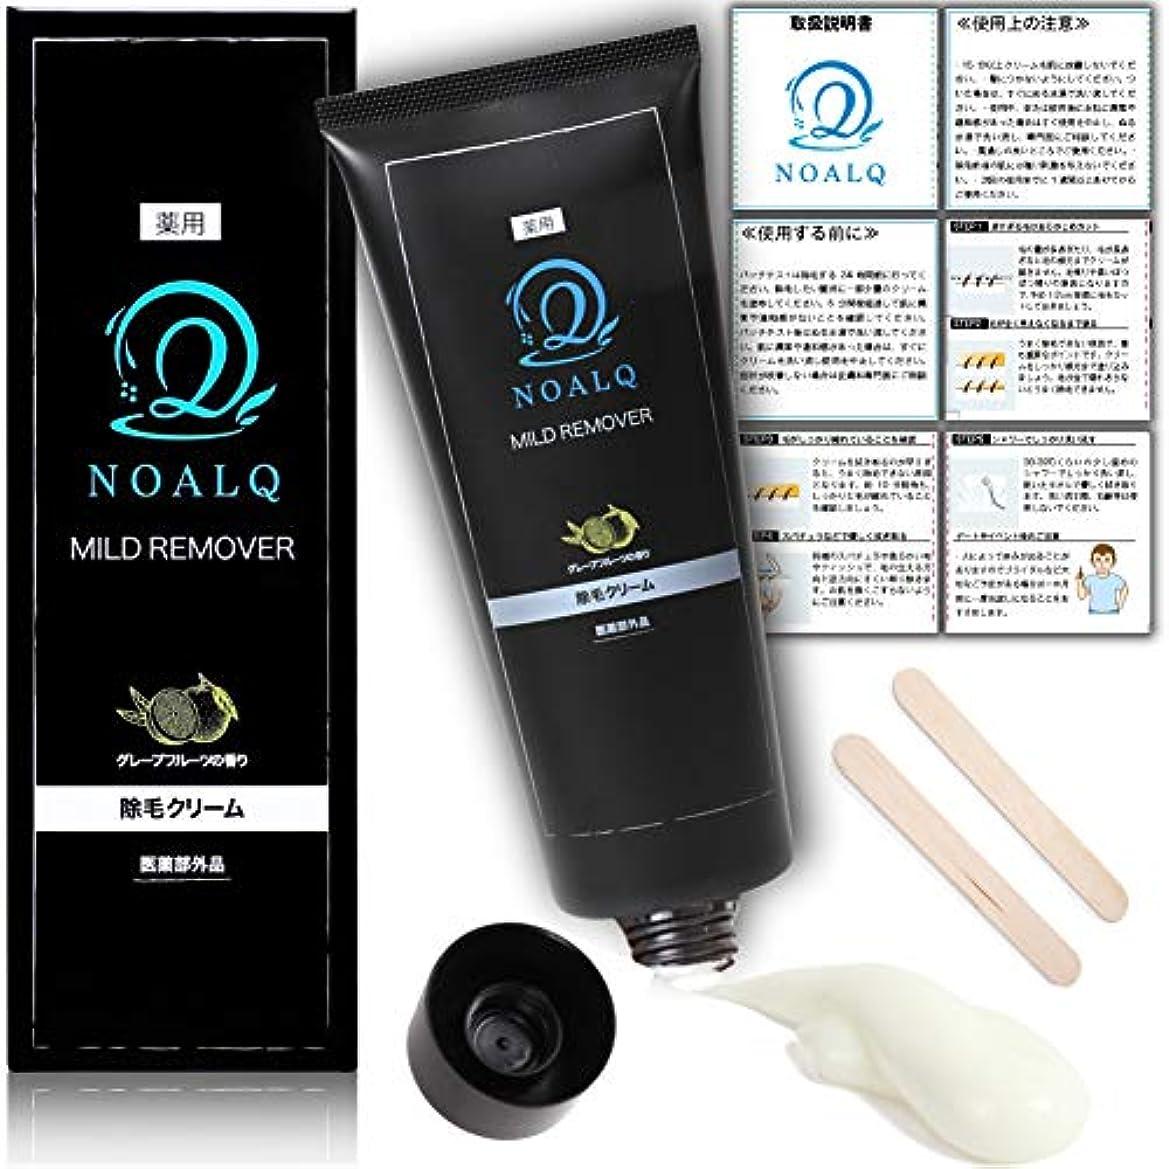 焦げパシフィック皮肉NOALQ(ノアルク) 除毛クリーム 薬用リムーバークリーム 超大容量220g メンズ [陰部/VIO/アンダーヘア/ボディ用] 日本製 グレープフルーツフレーバータイプ